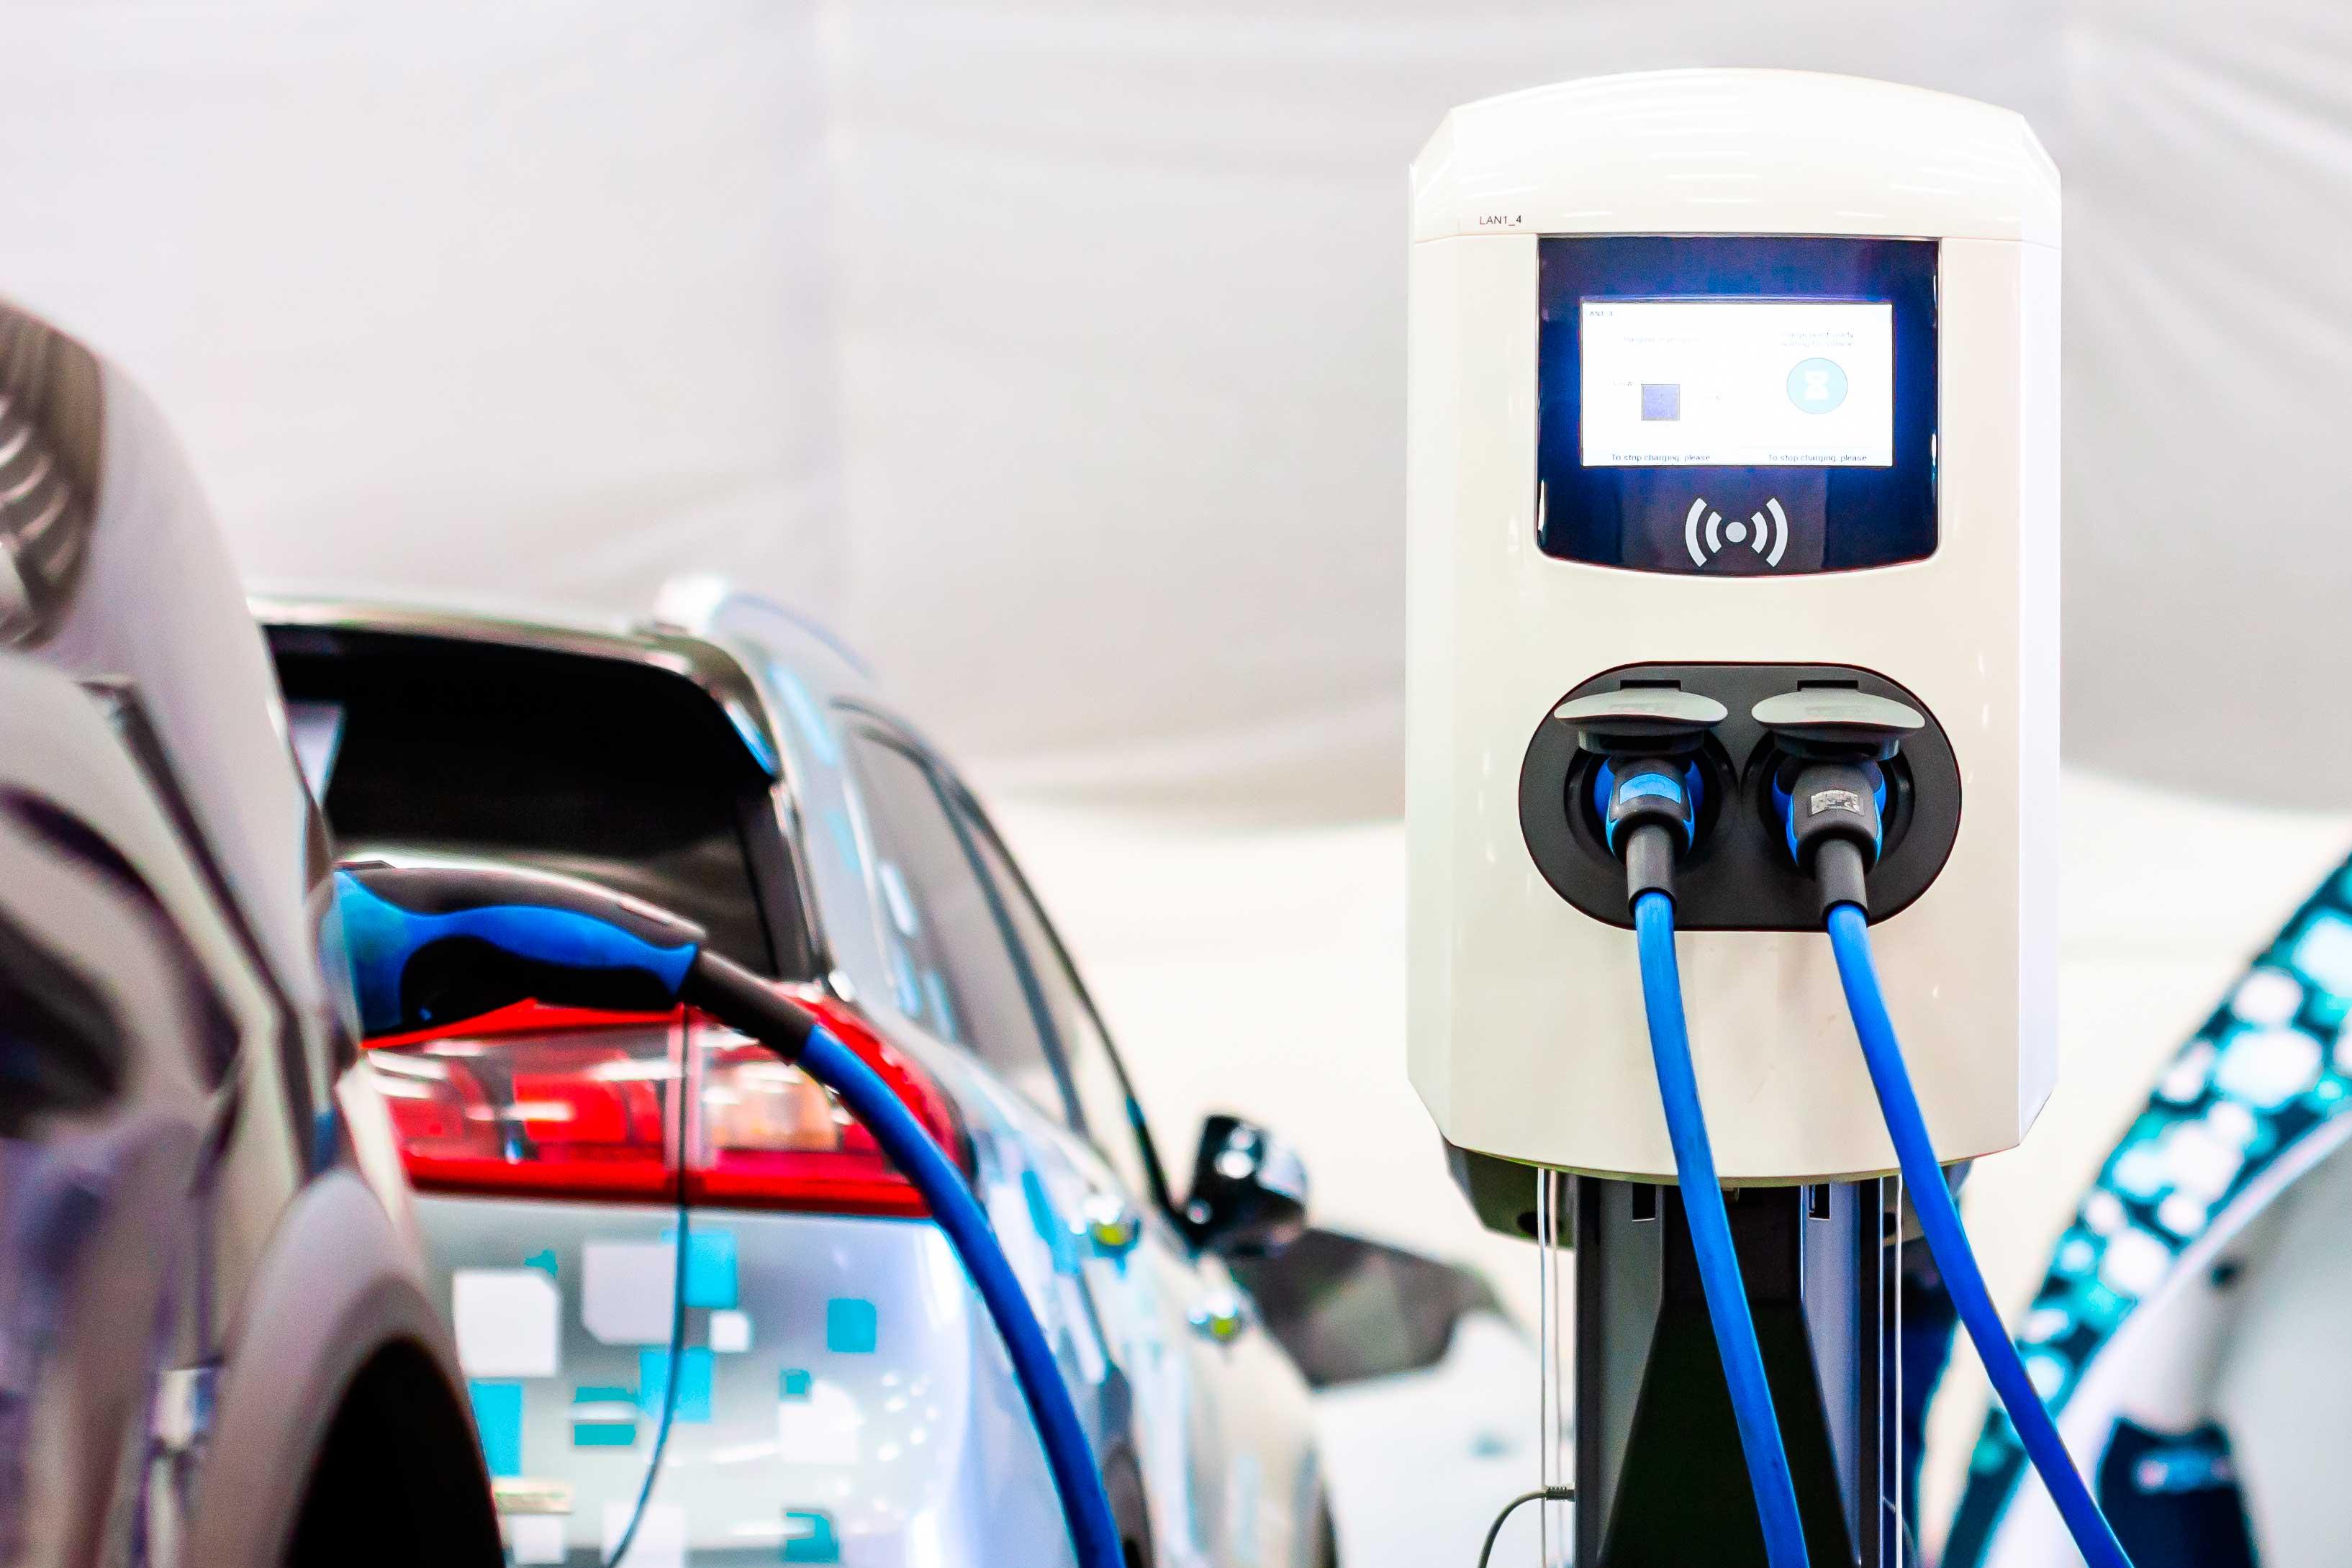 ¿Qué es mejor? ¿Un coche eléctrico o un coche híbrido?